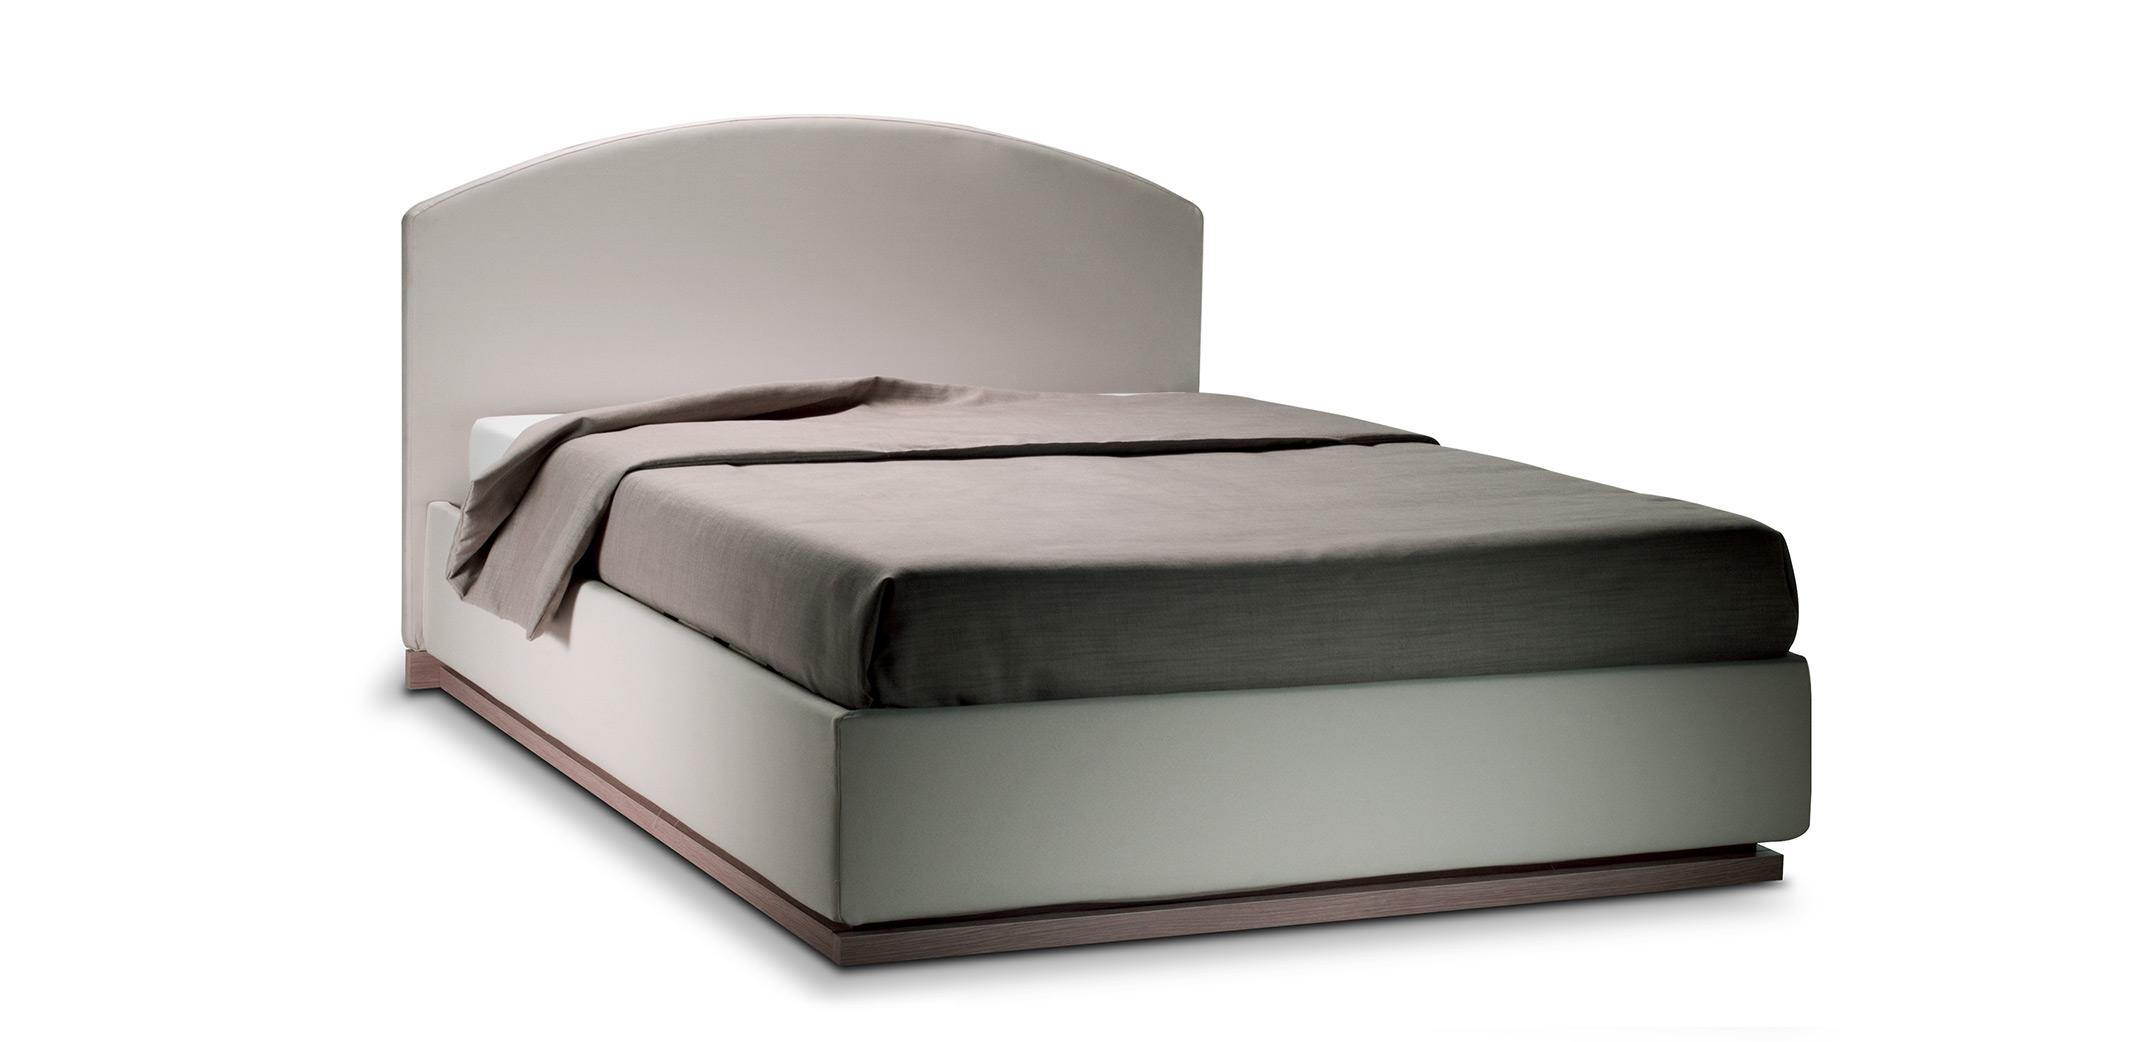 Descans Mascar Fabricante De Somieres Y Camas El Ctricas # Muebles Tubulares Beta